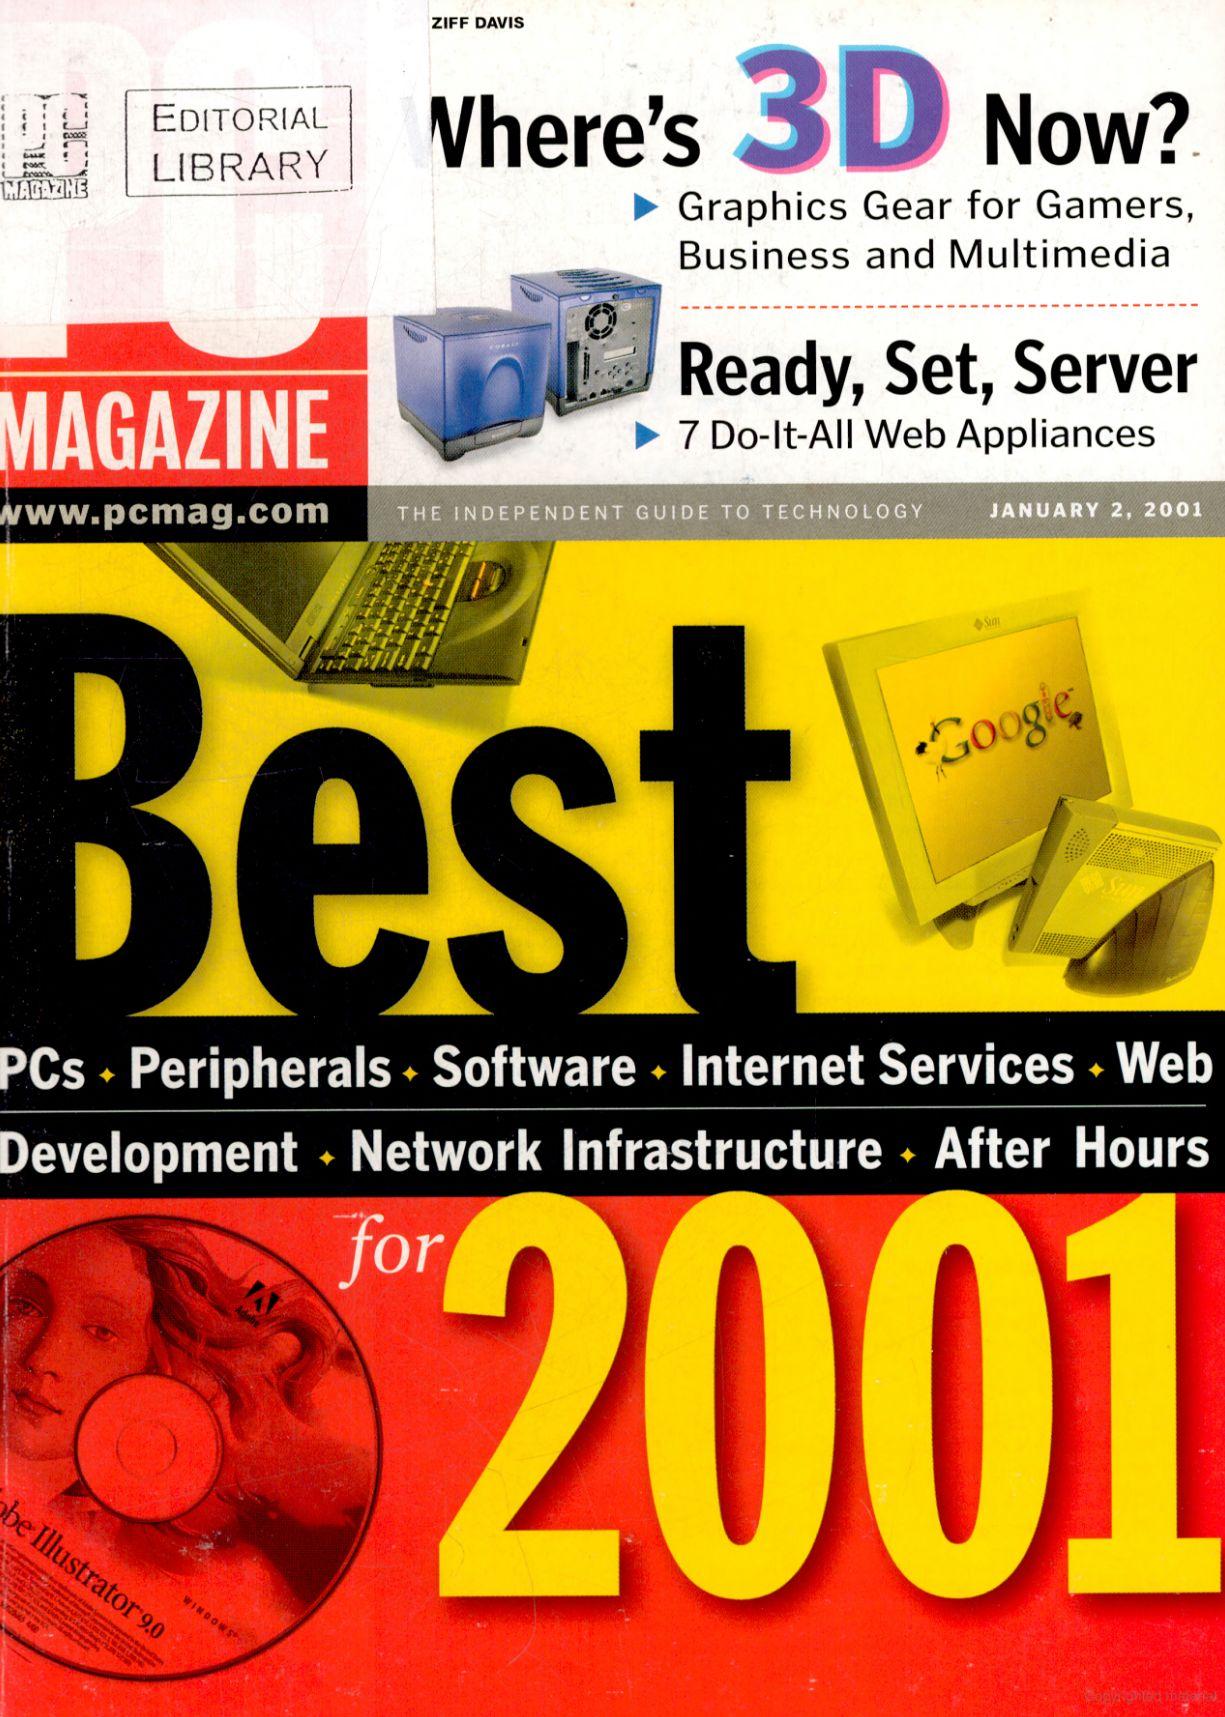 Древности: 20 лет компьютерных технологий в публикациях СМИ - 20